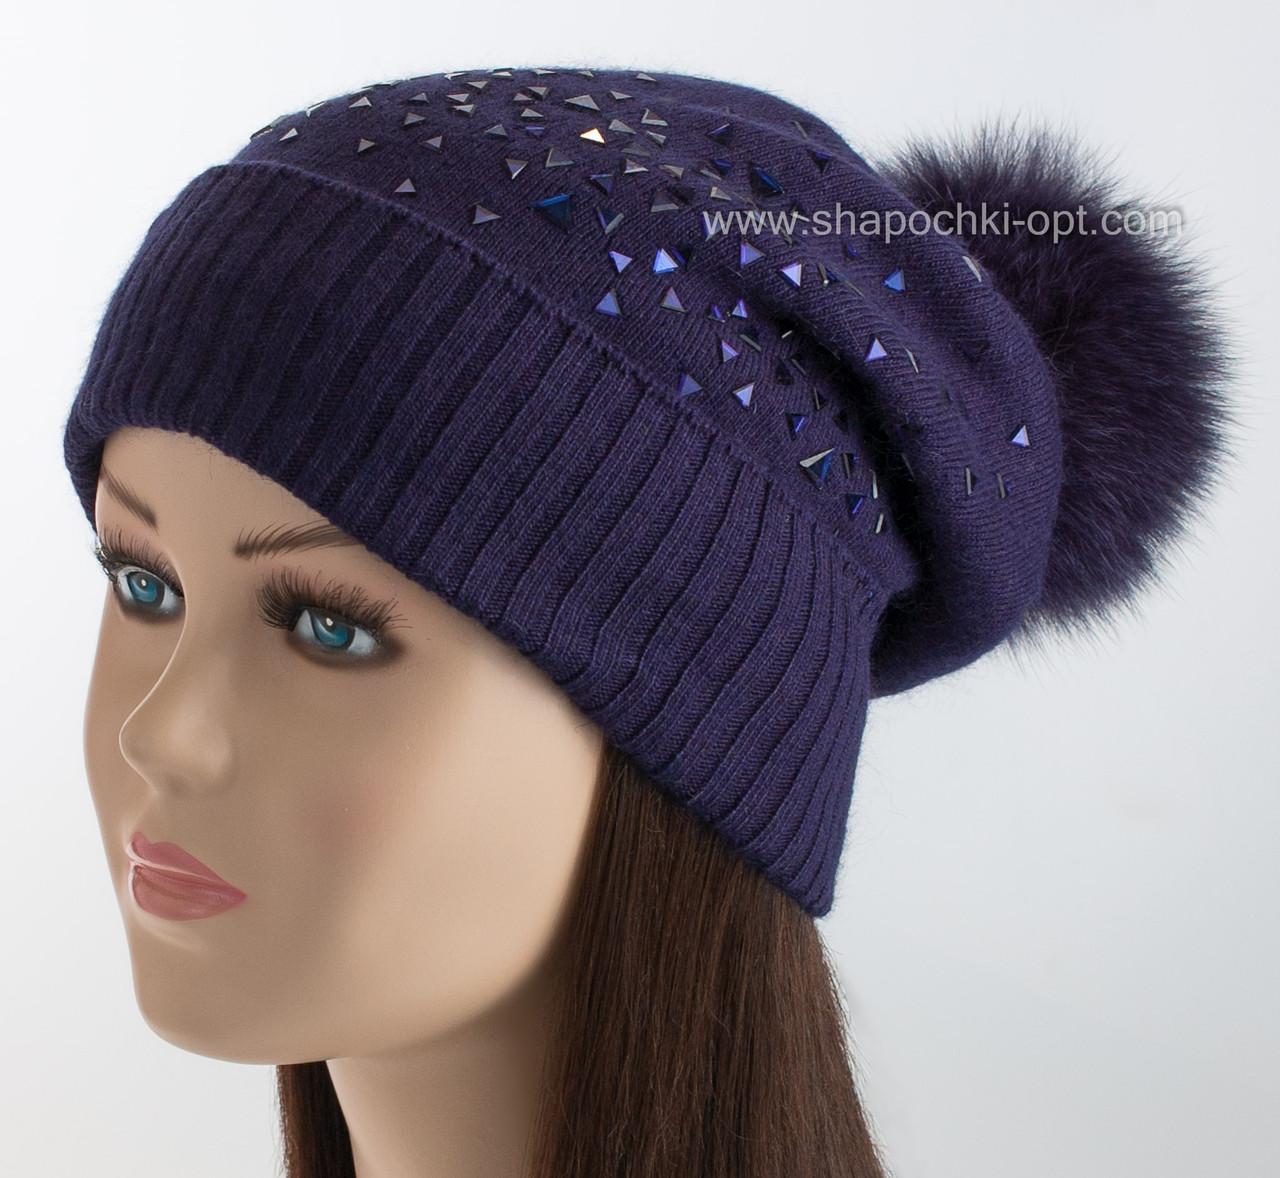 женская вязаная шапка стекло цвет индиго продажа цена в одессе